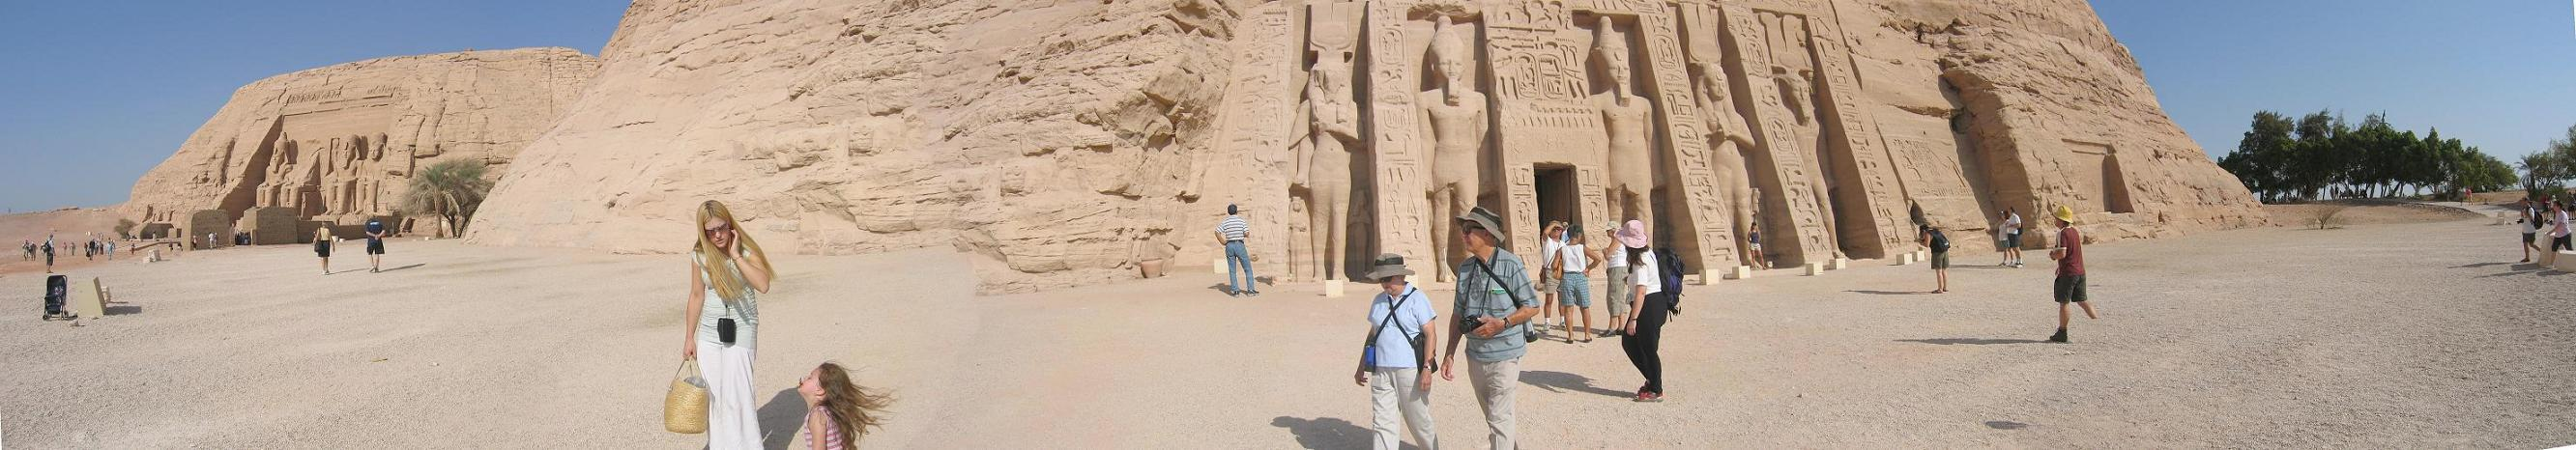 Egypt_abusimbel2